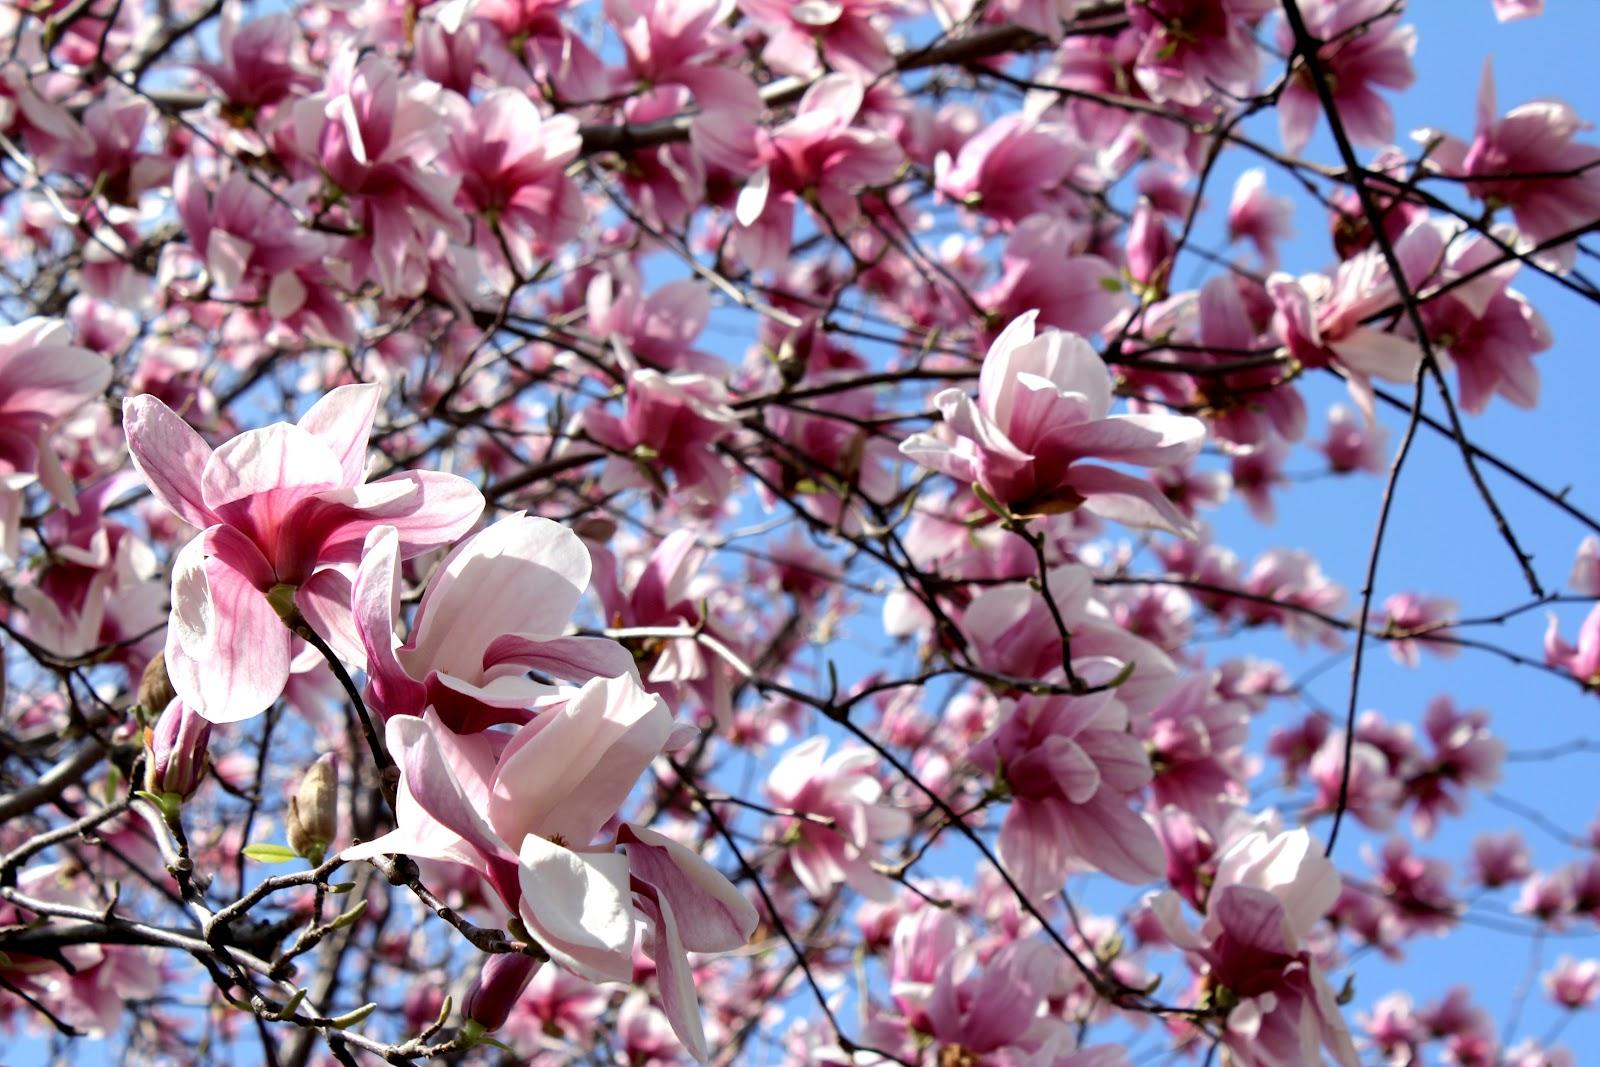 Sas Amp Sabs Kc In Bloom